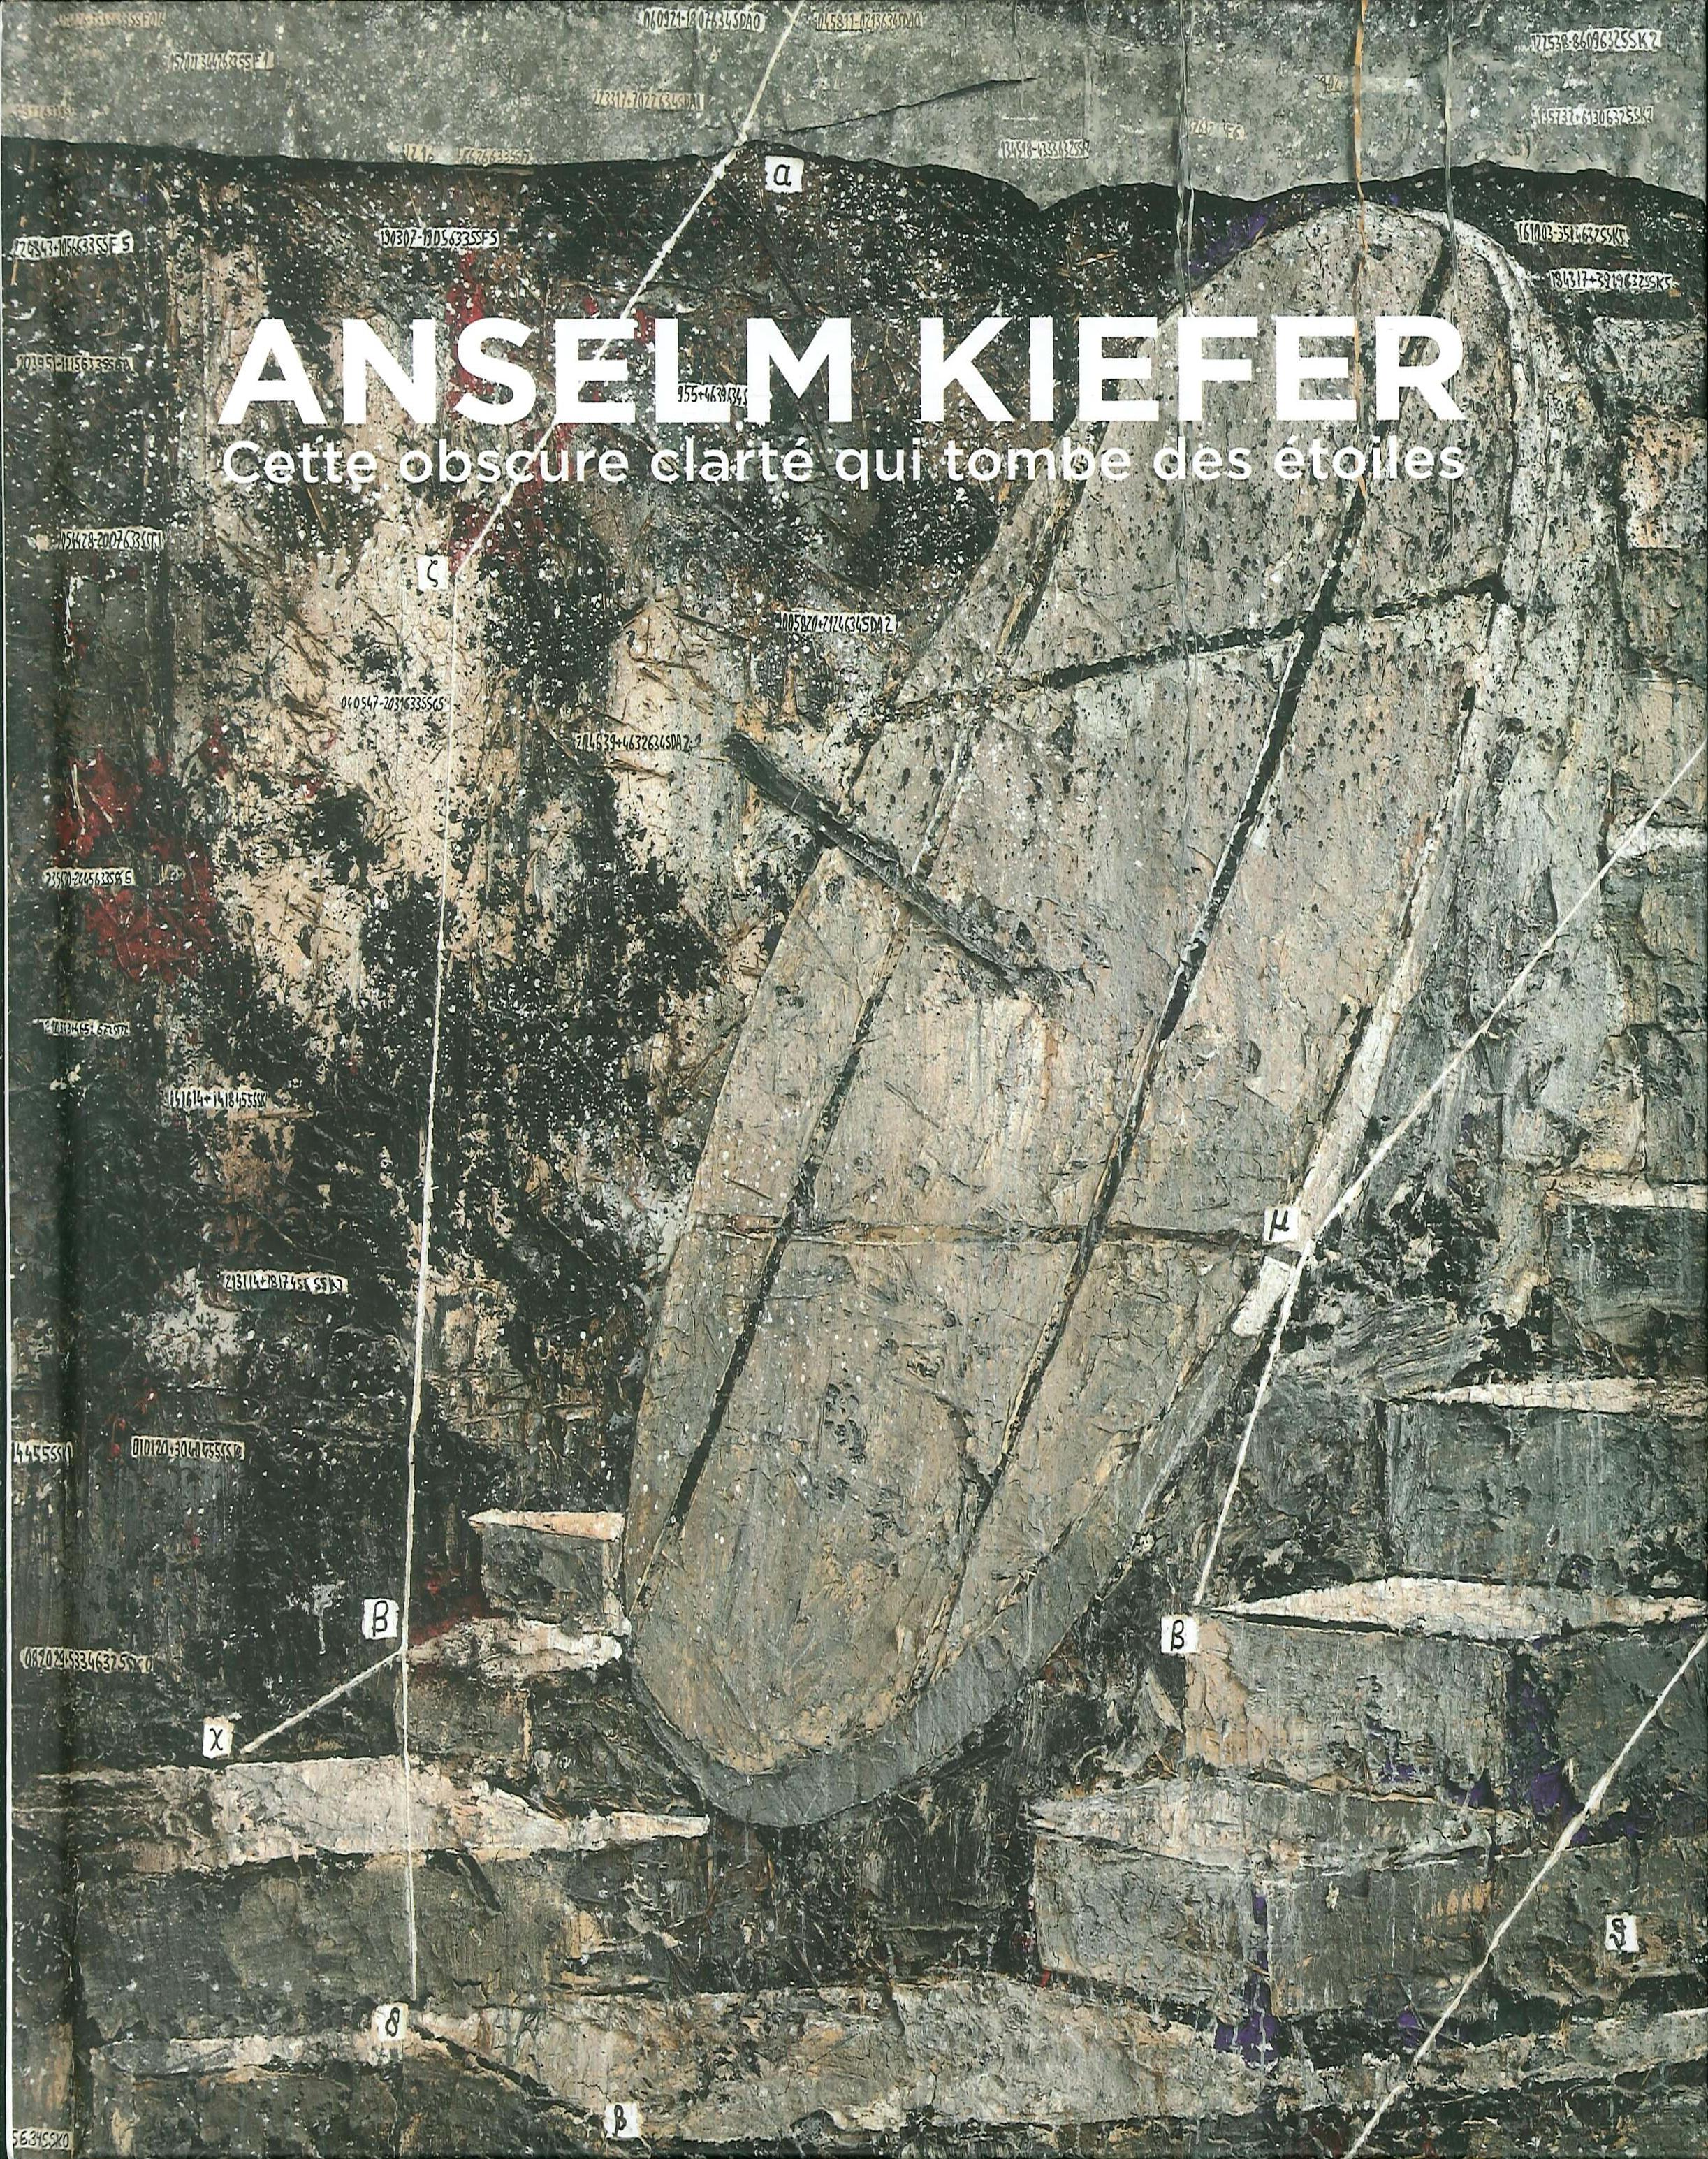 Anselm Kiefer. Cette obscure clartè qui tombe des étoiles